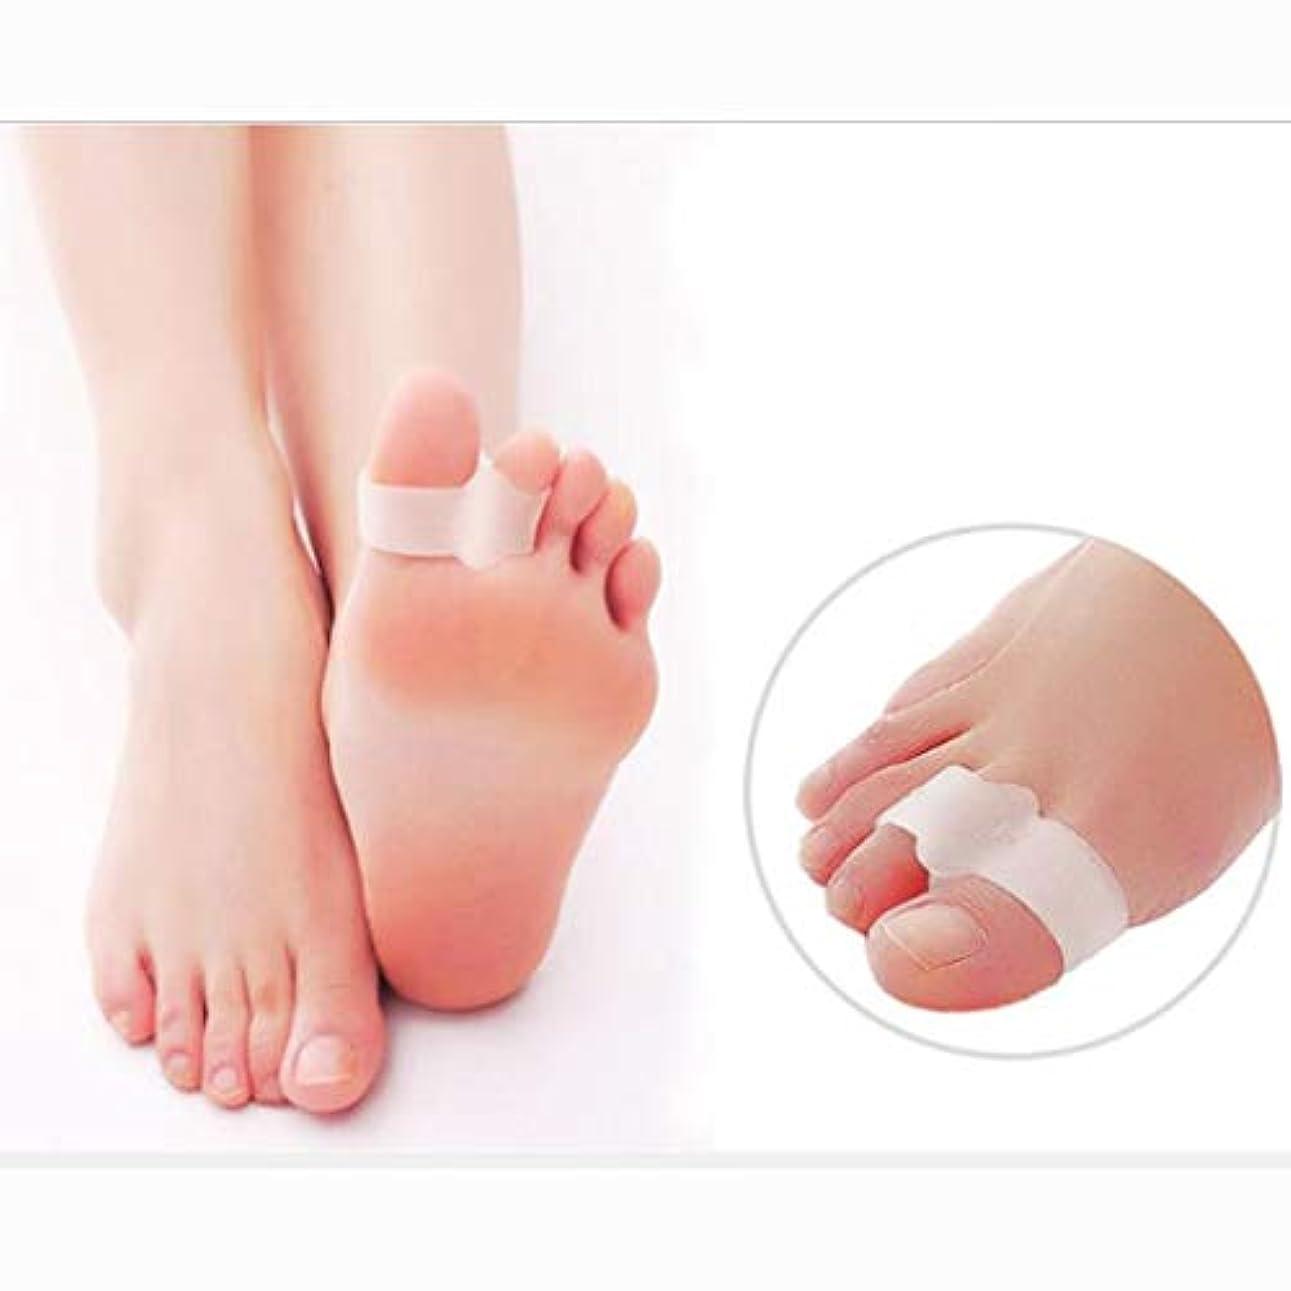 受け取るコンクリート返済FANGQIAO SHOP-脚装具 足矯正器-M-toe Eversion Hemper Toe Head Big Bone Toe Overlapping Finger Deviator 脚装具-10.11 (Size...